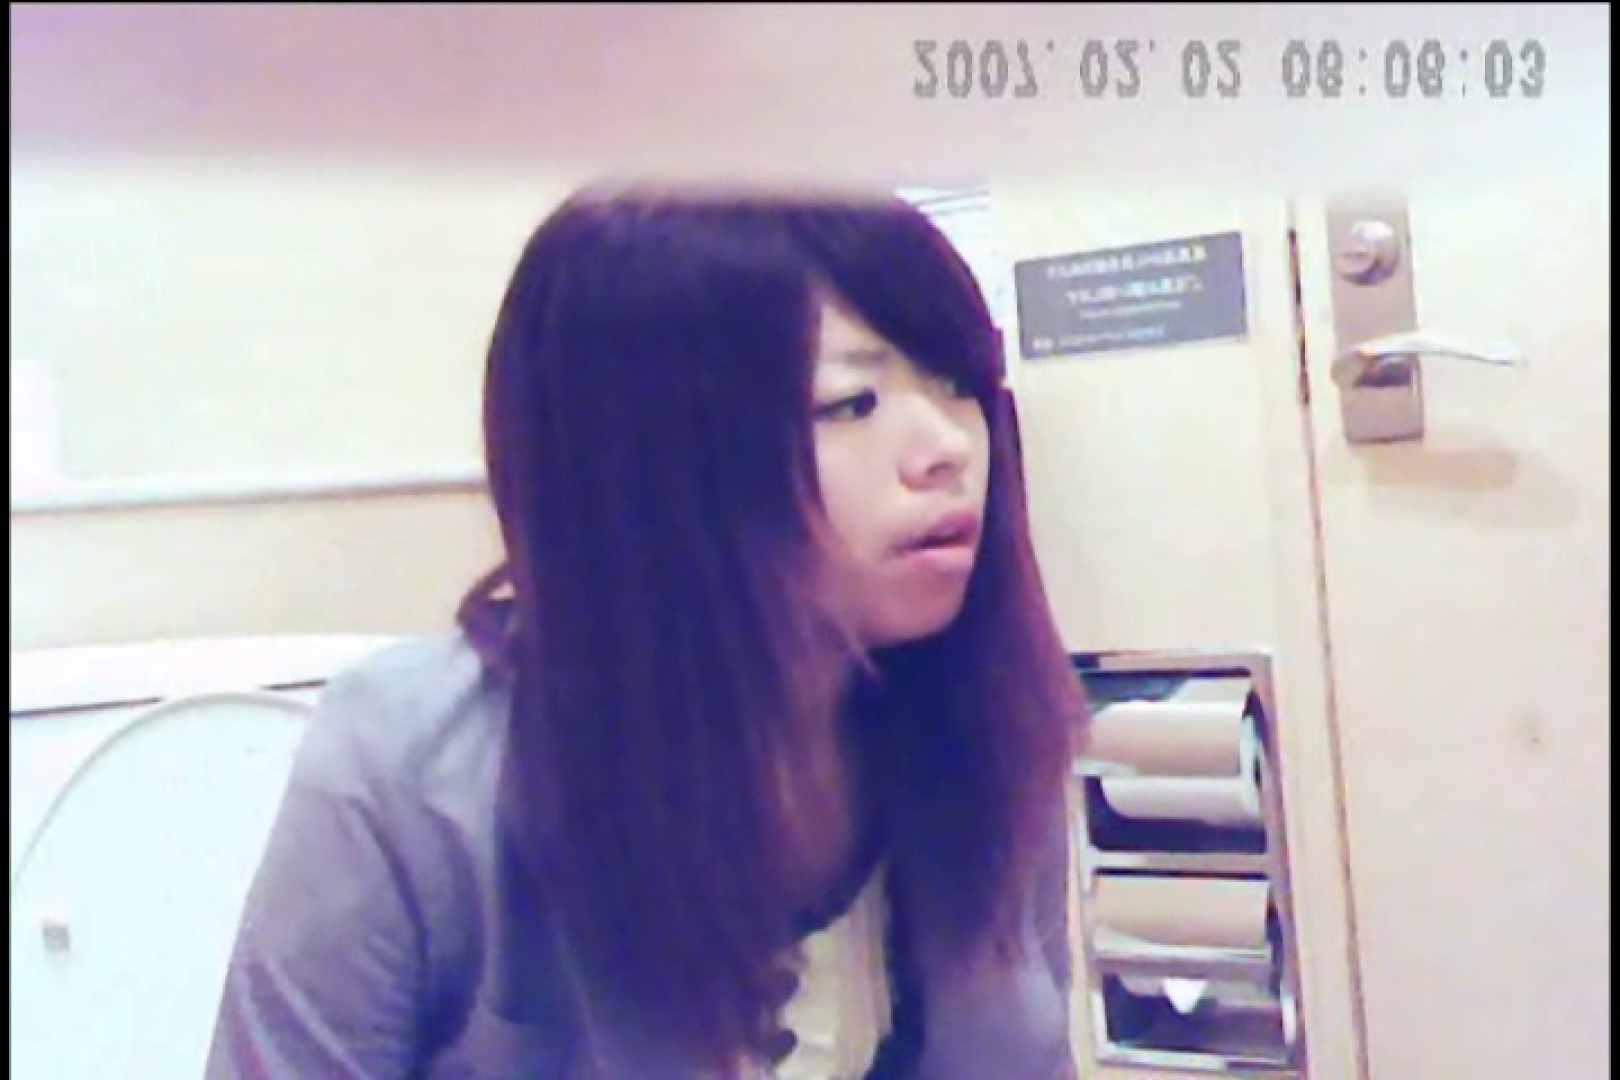 画質向上!新亀さん厠 vol.56 オマンコ のぞきエロ無料画像 78連発 10